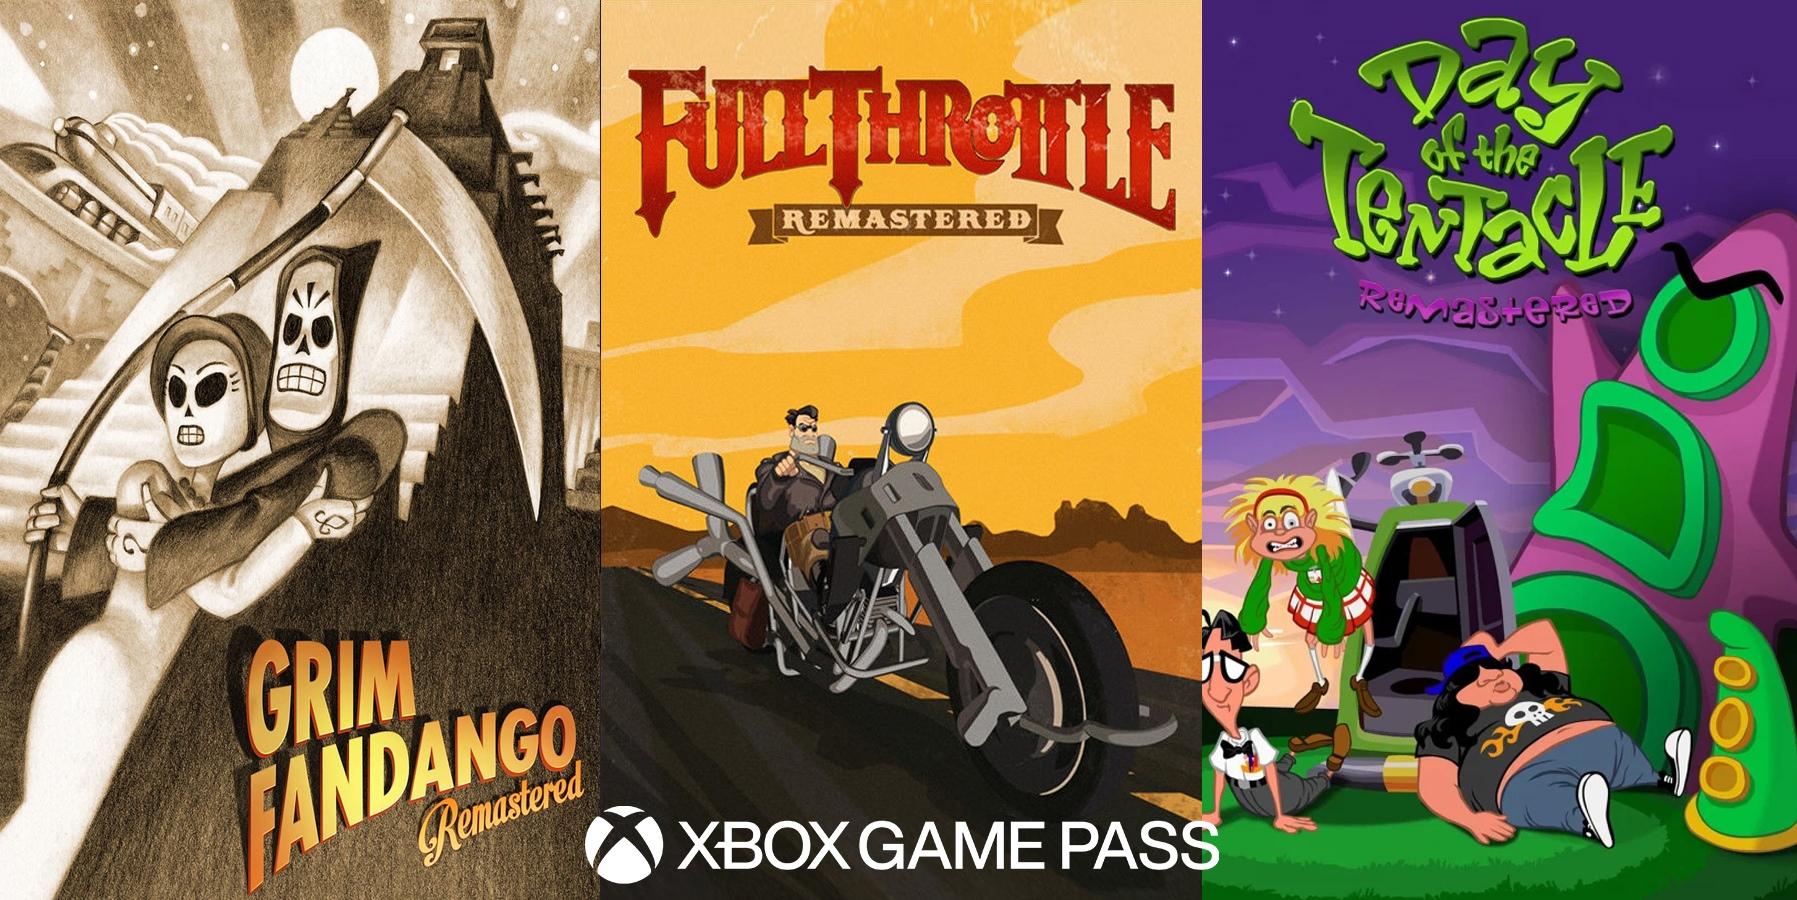 Тим Шафер подтвердил, что в этом месяце в Game Pass появятся три классических произведения LucasArts